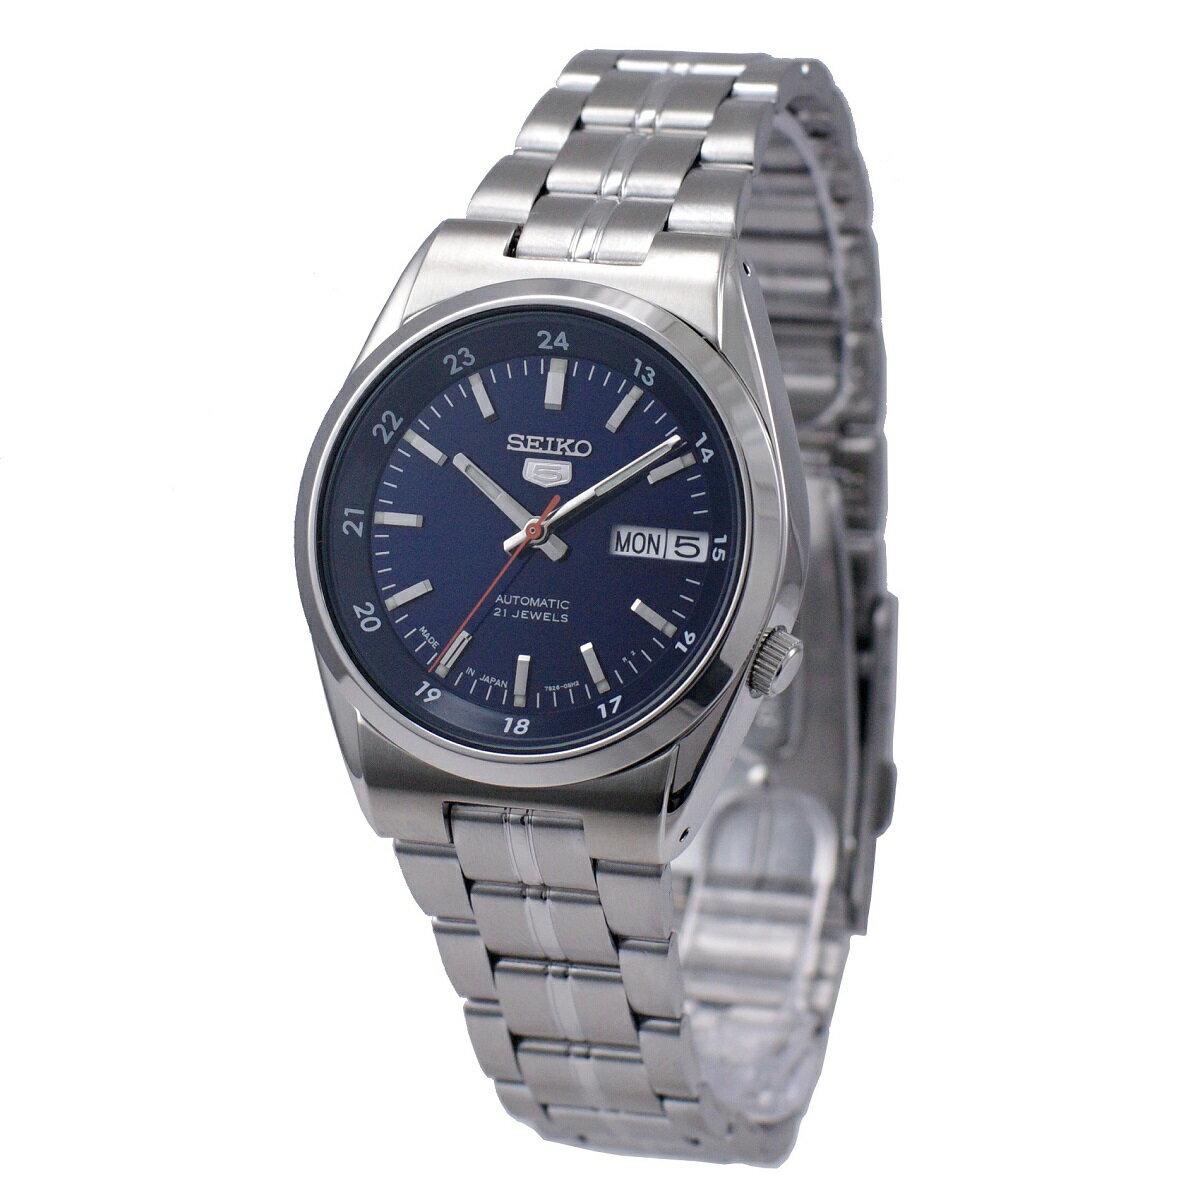 セイコー SEIKO 5 腕時計 海外モデル 自動巻き 日本製 ネイビー SNK563J1 メンズ [逆輸入品]